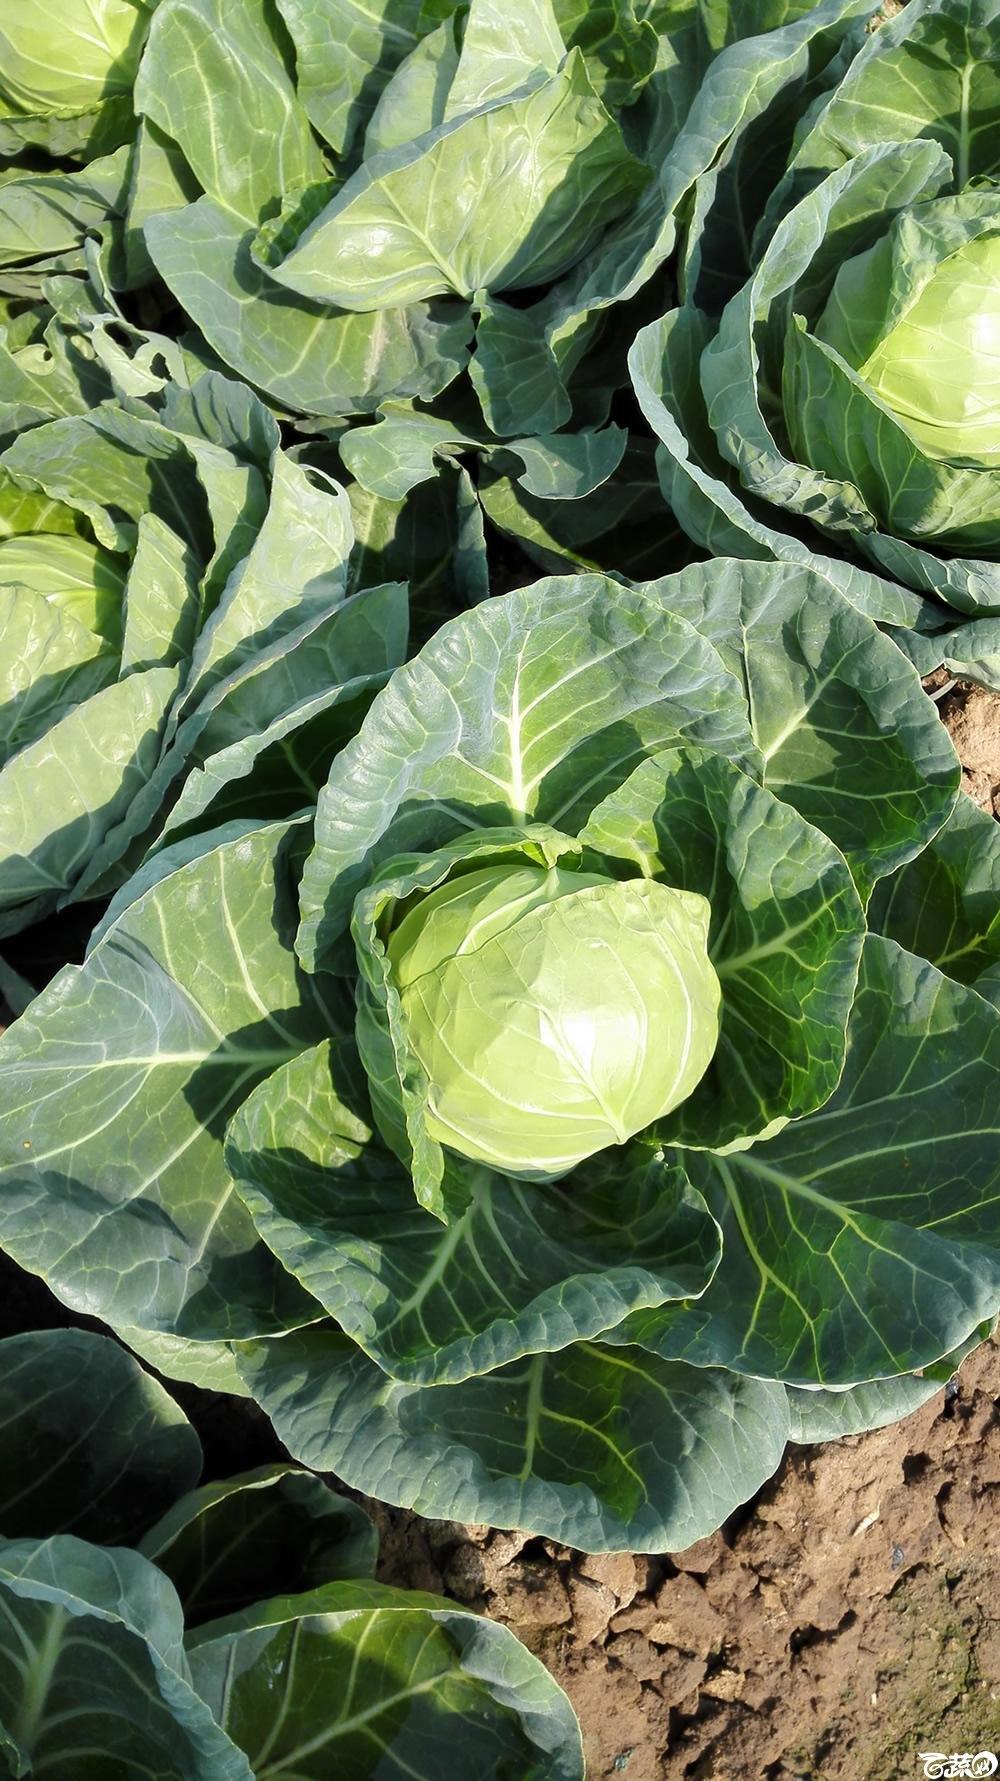 2014年12月10号广州市农科院南沙秋季蔬菜新品种展示会 甘蓝_144.jpg